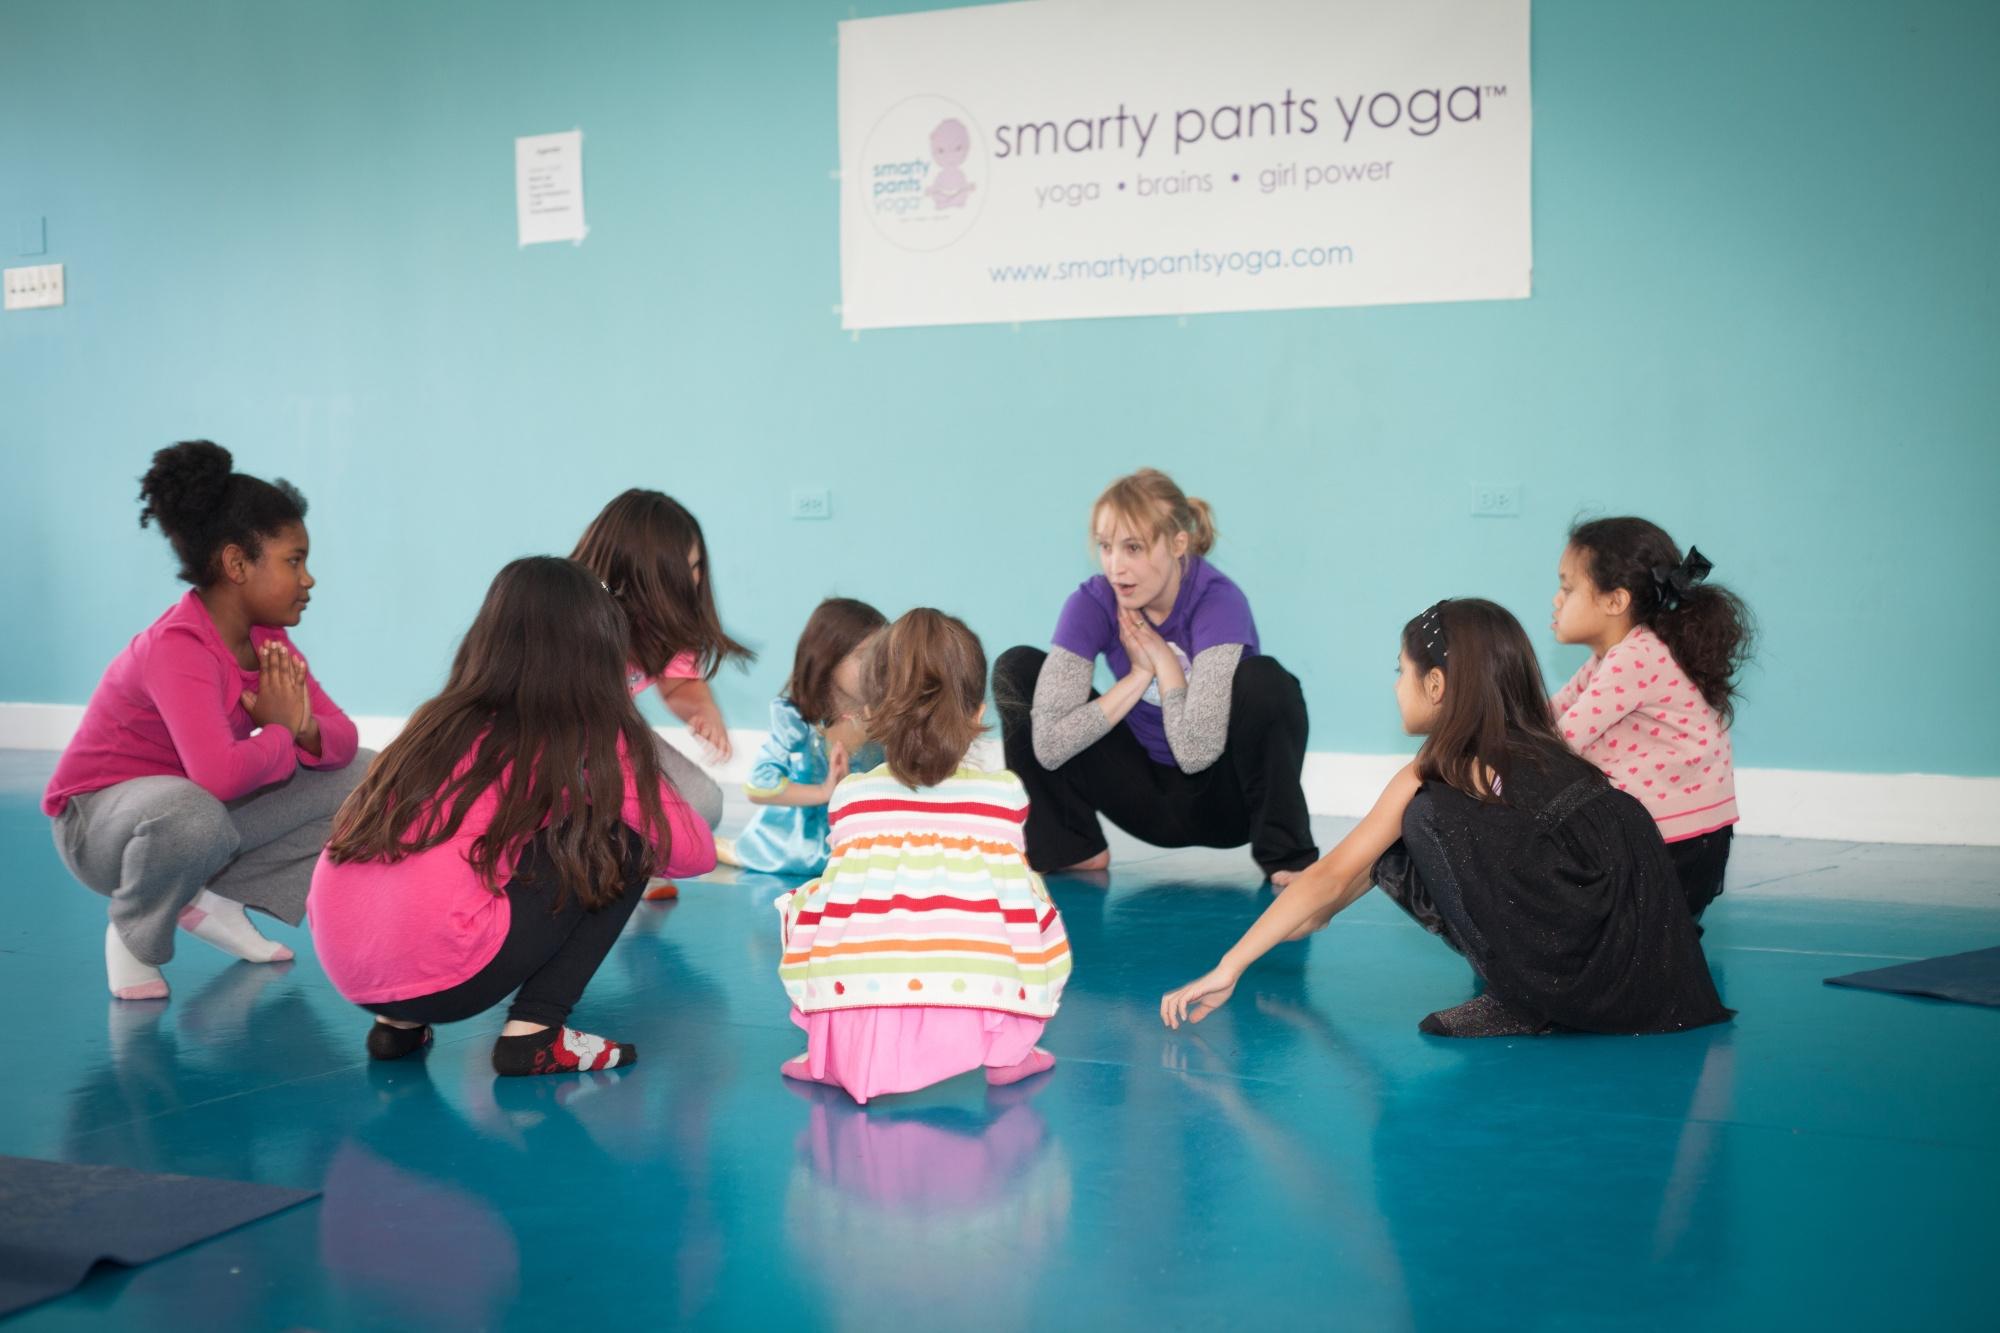 asweatlife_smarty pants yoga empowering girls across Chicago_2